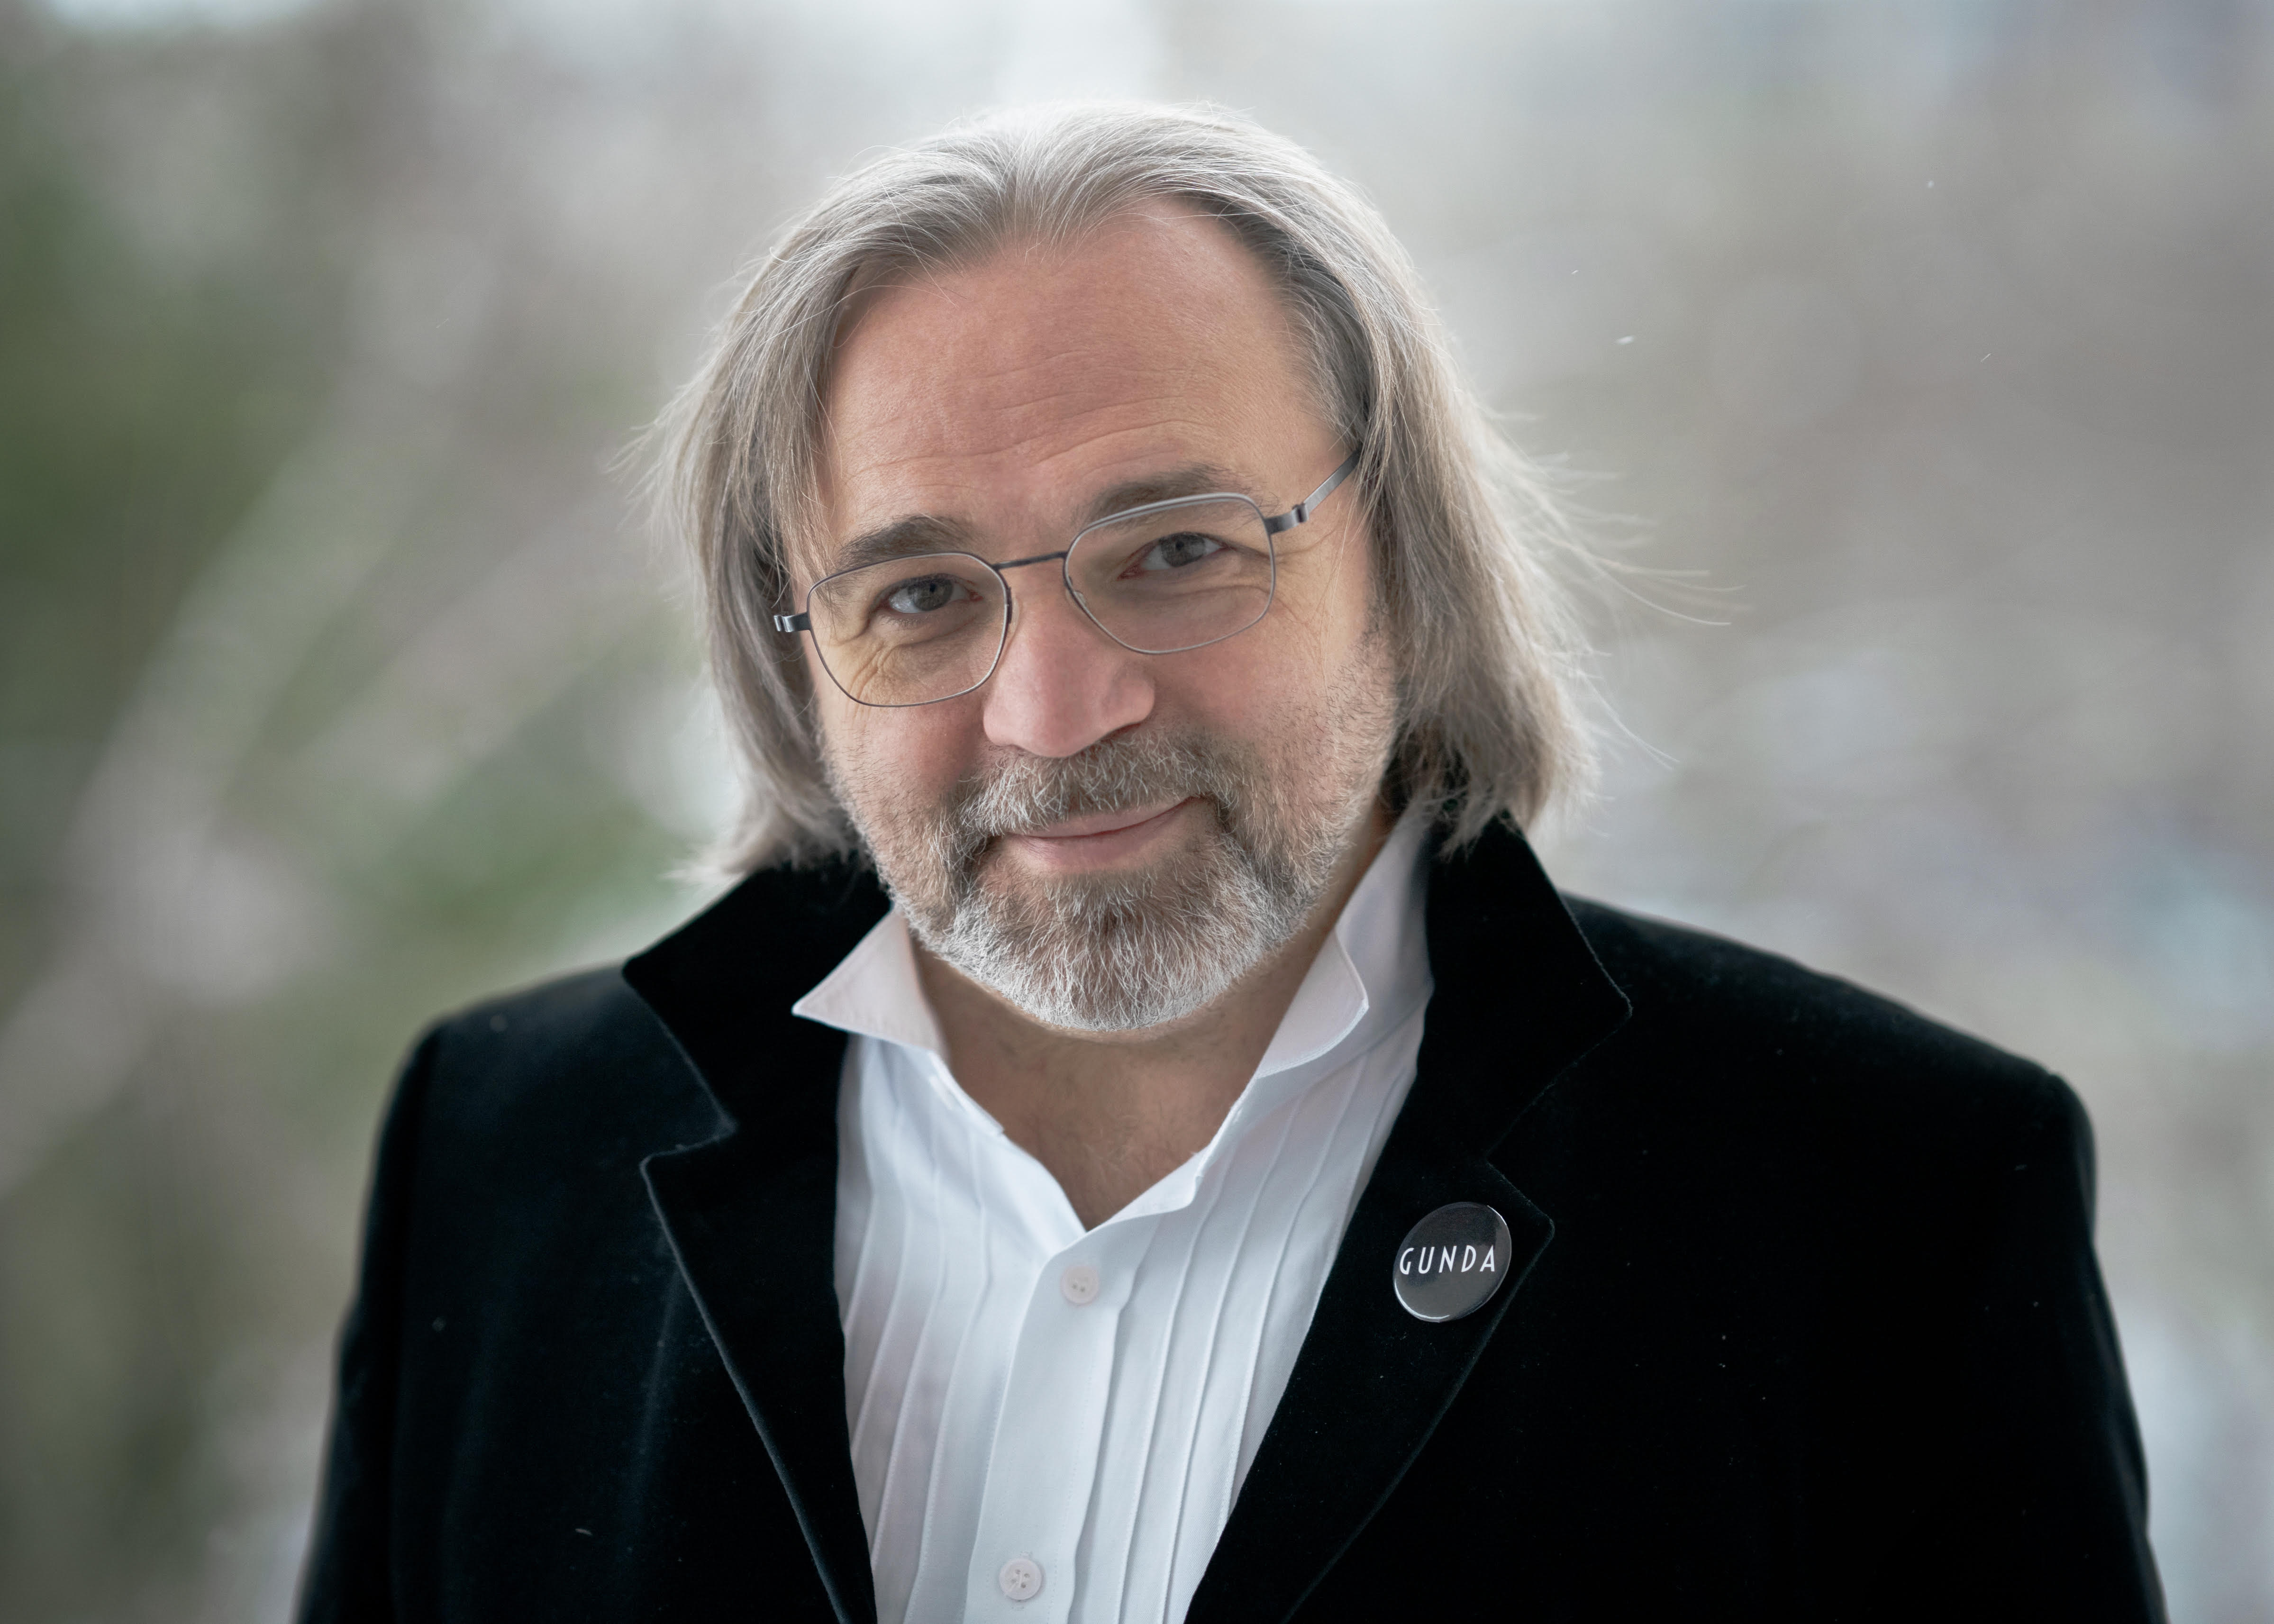 ShockYa's Exclusive Viktor Kosakovskiy 'Gunda' Interview